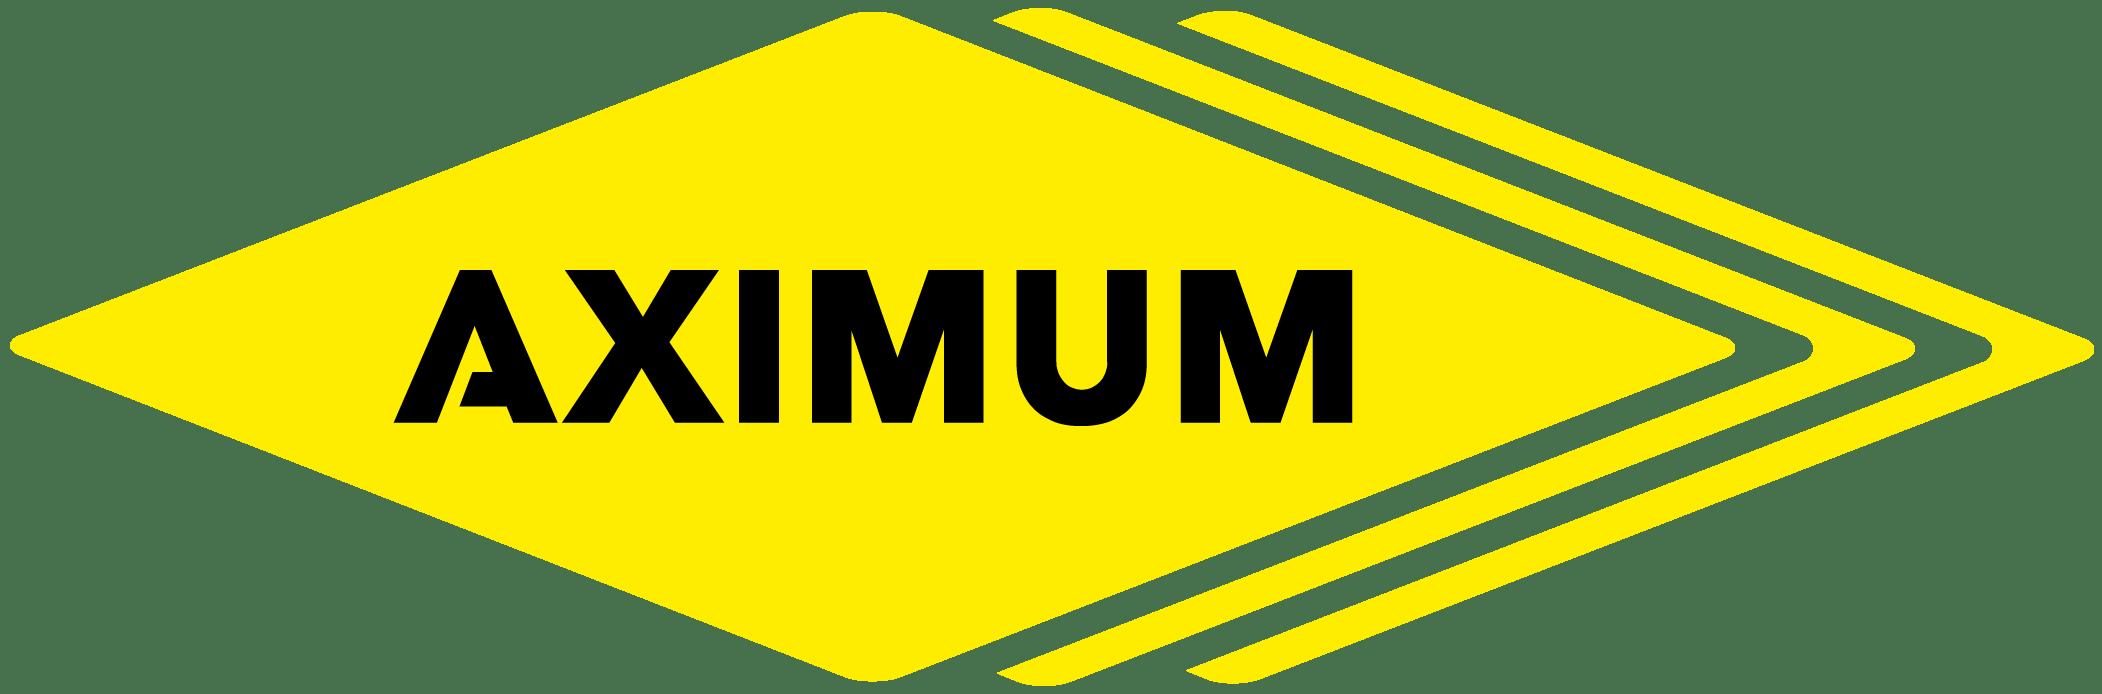 Aximum-logo